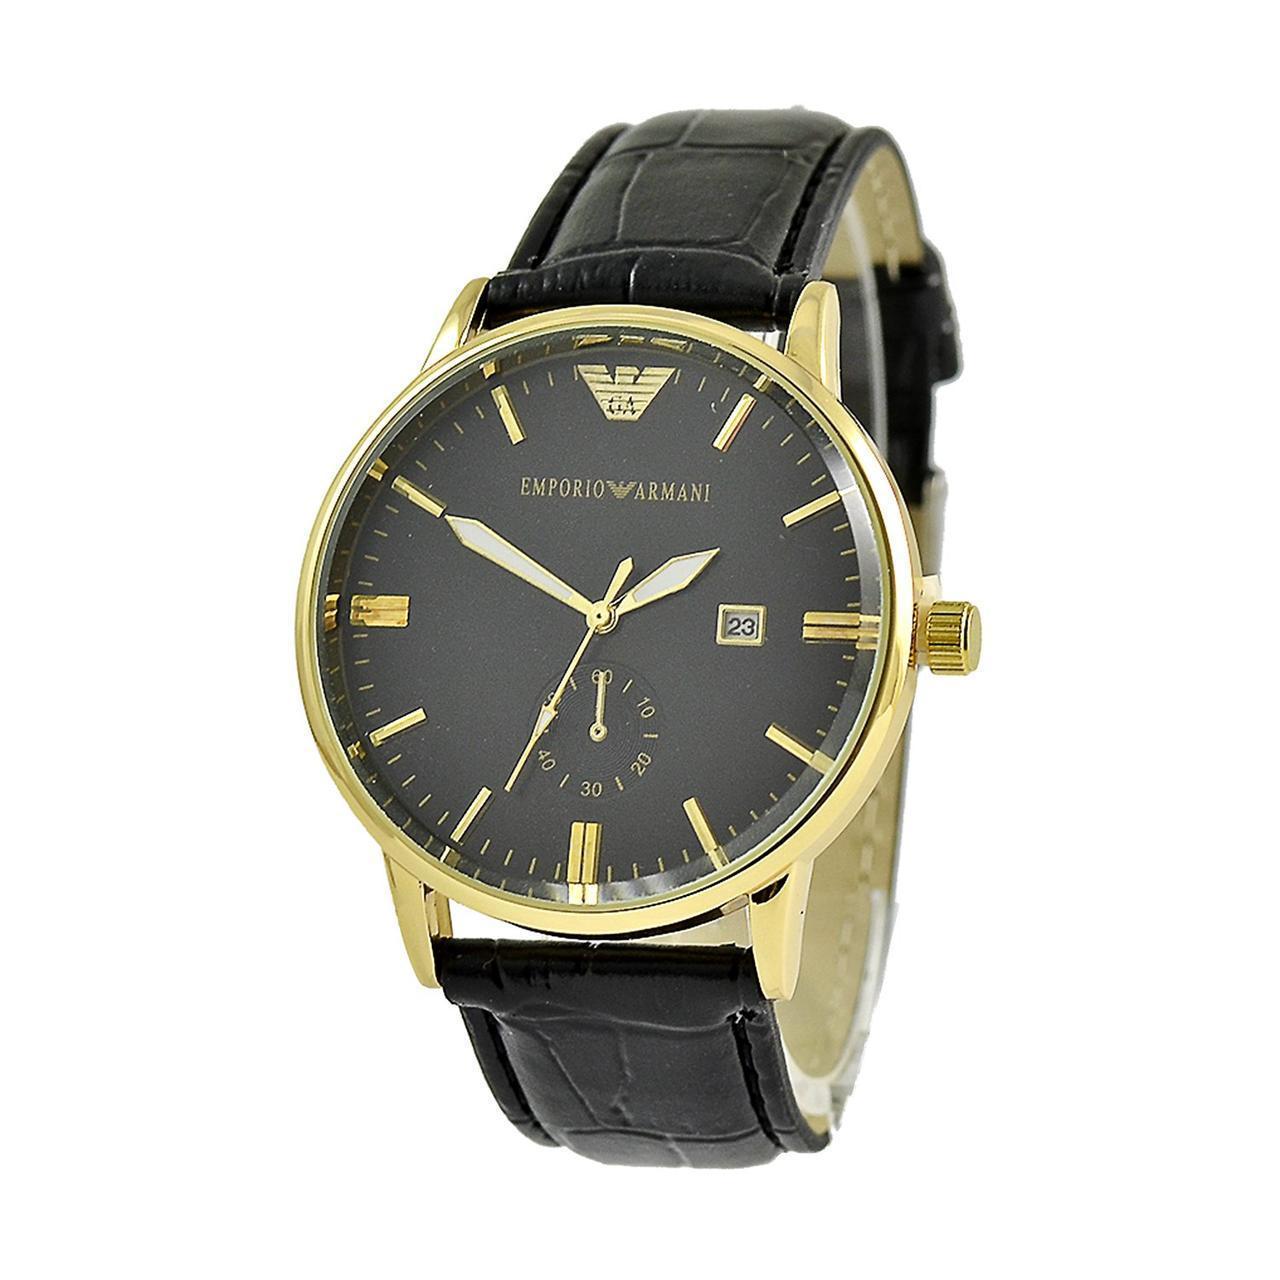 17c7cd95 Наручные Мужские Часы Emporio Armani Quartz 4297 Black-Gold-Black ...